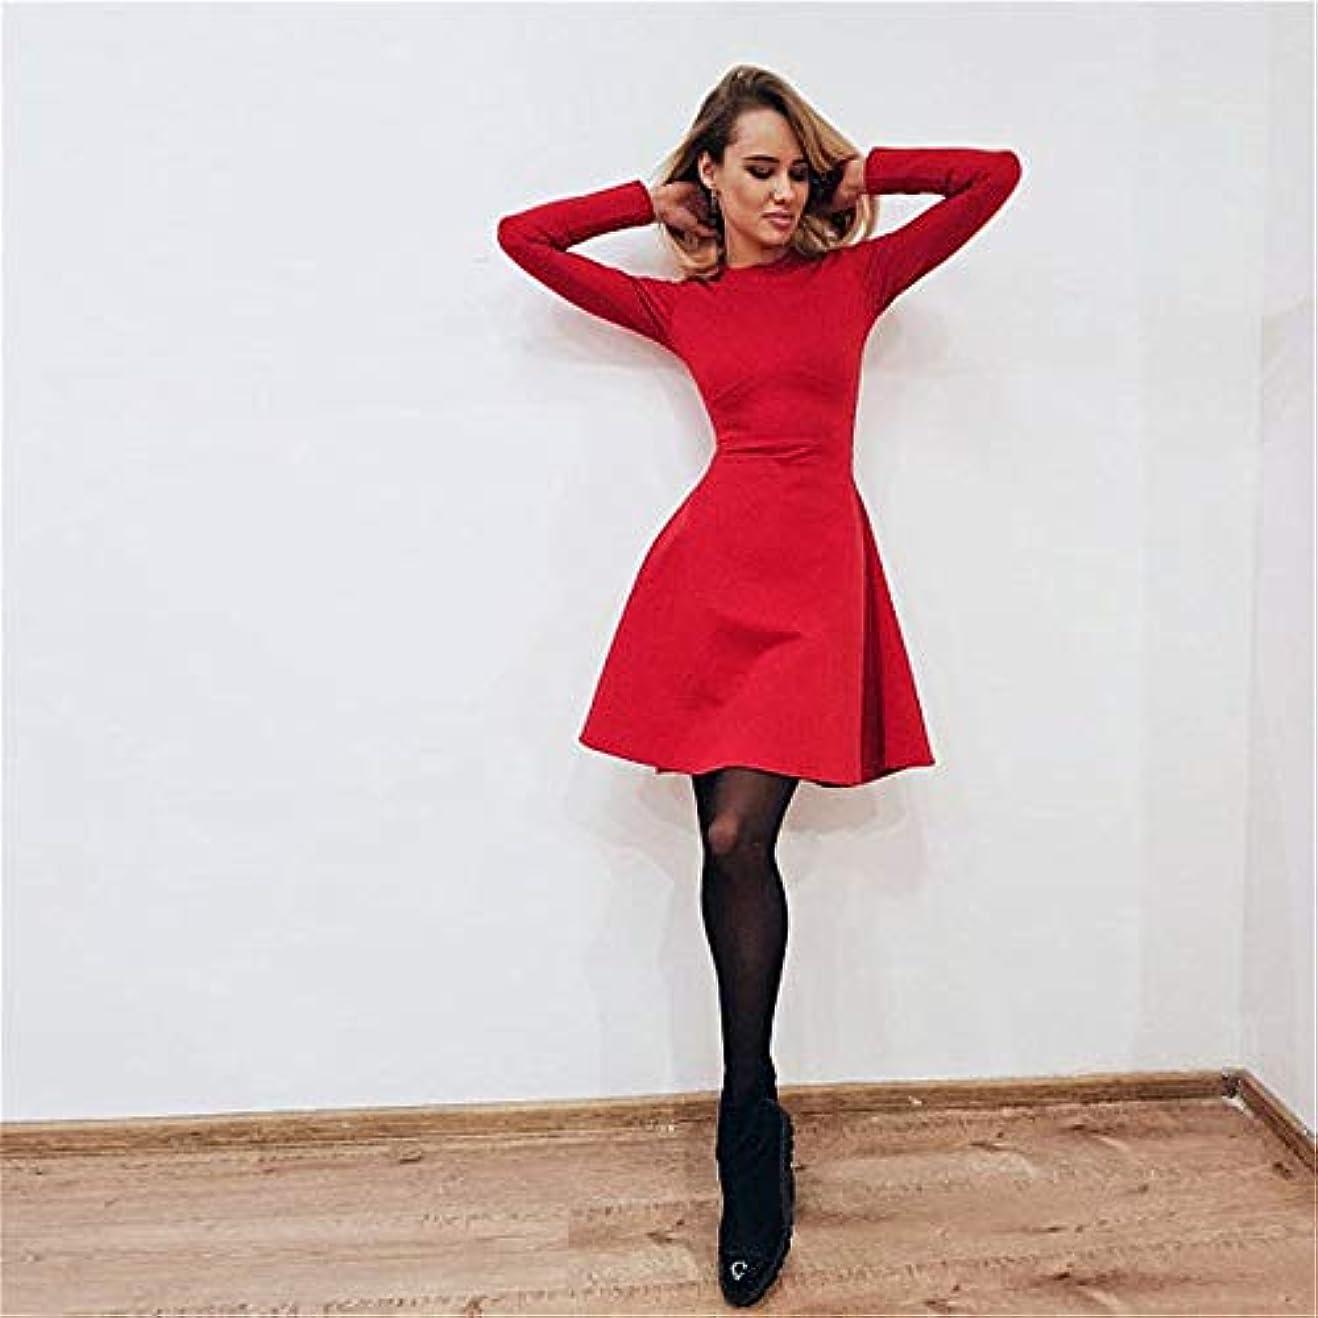 リップ主張する免除するOnderroa - 秋と冬の新しい女性の長袖タイトフィットドレスの秋と冬のスリムでエレガントな品質のミニドレス